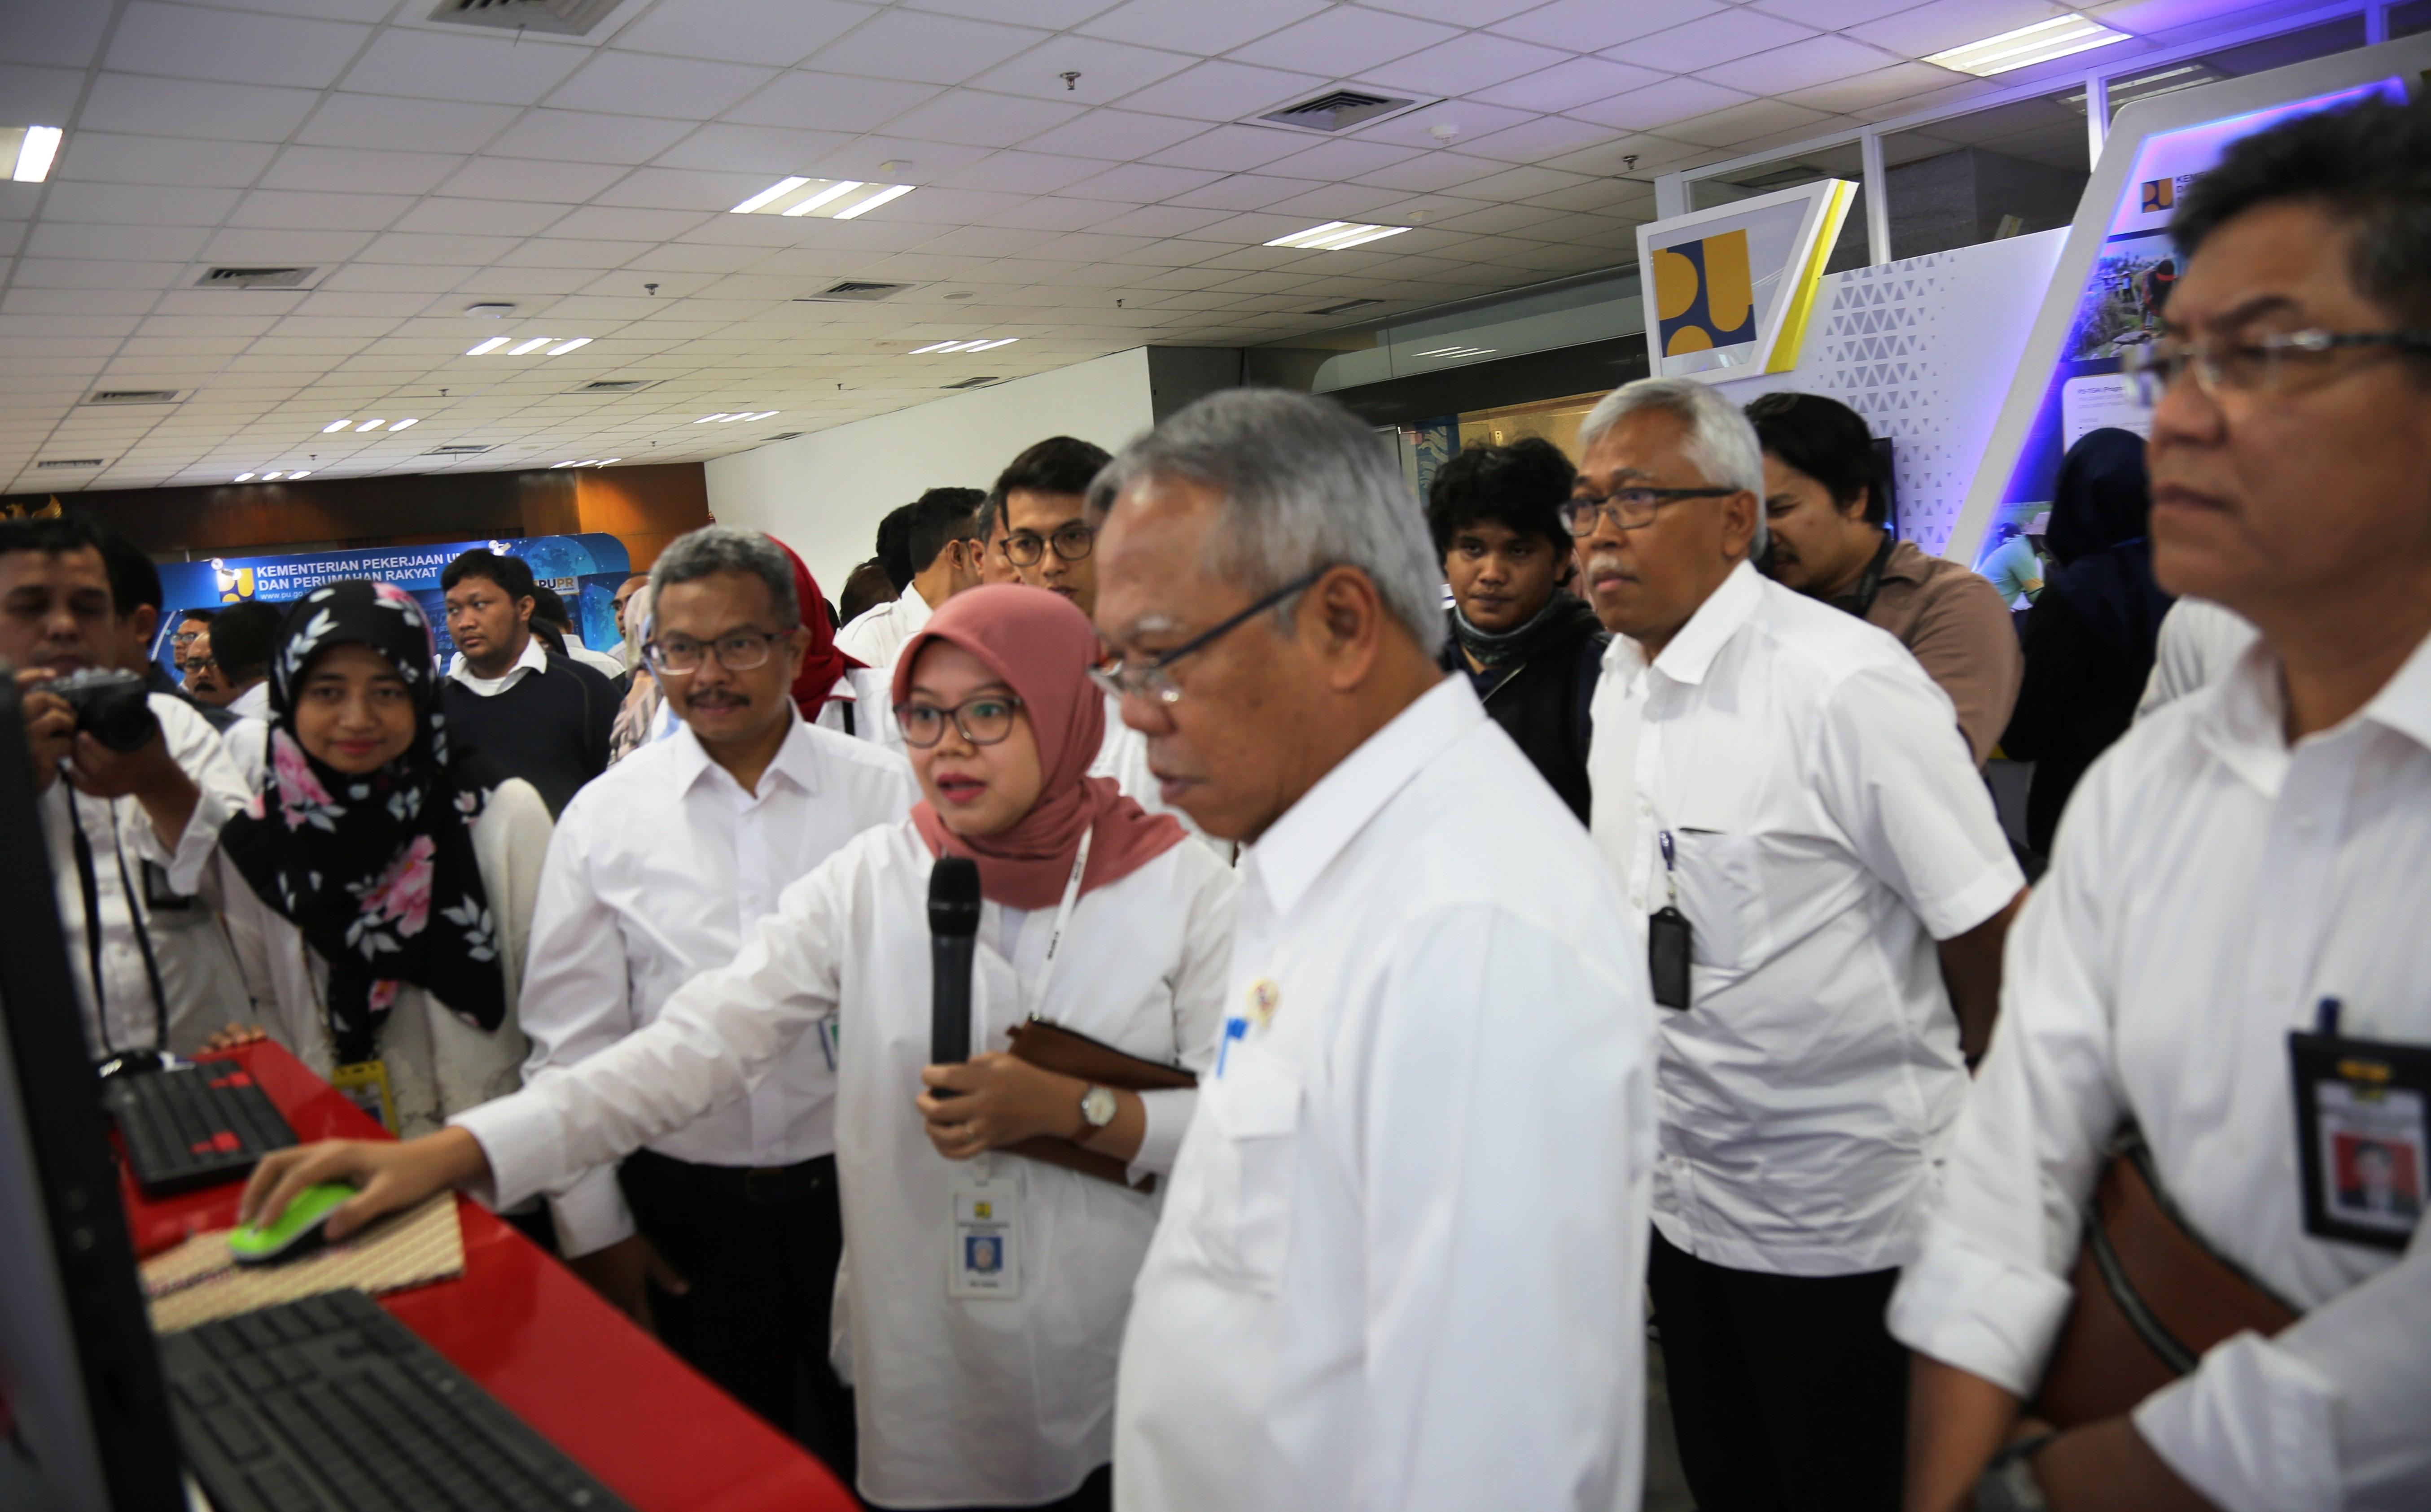 BPIW Berpartisipasi dalam PUPR 4.0 Expo